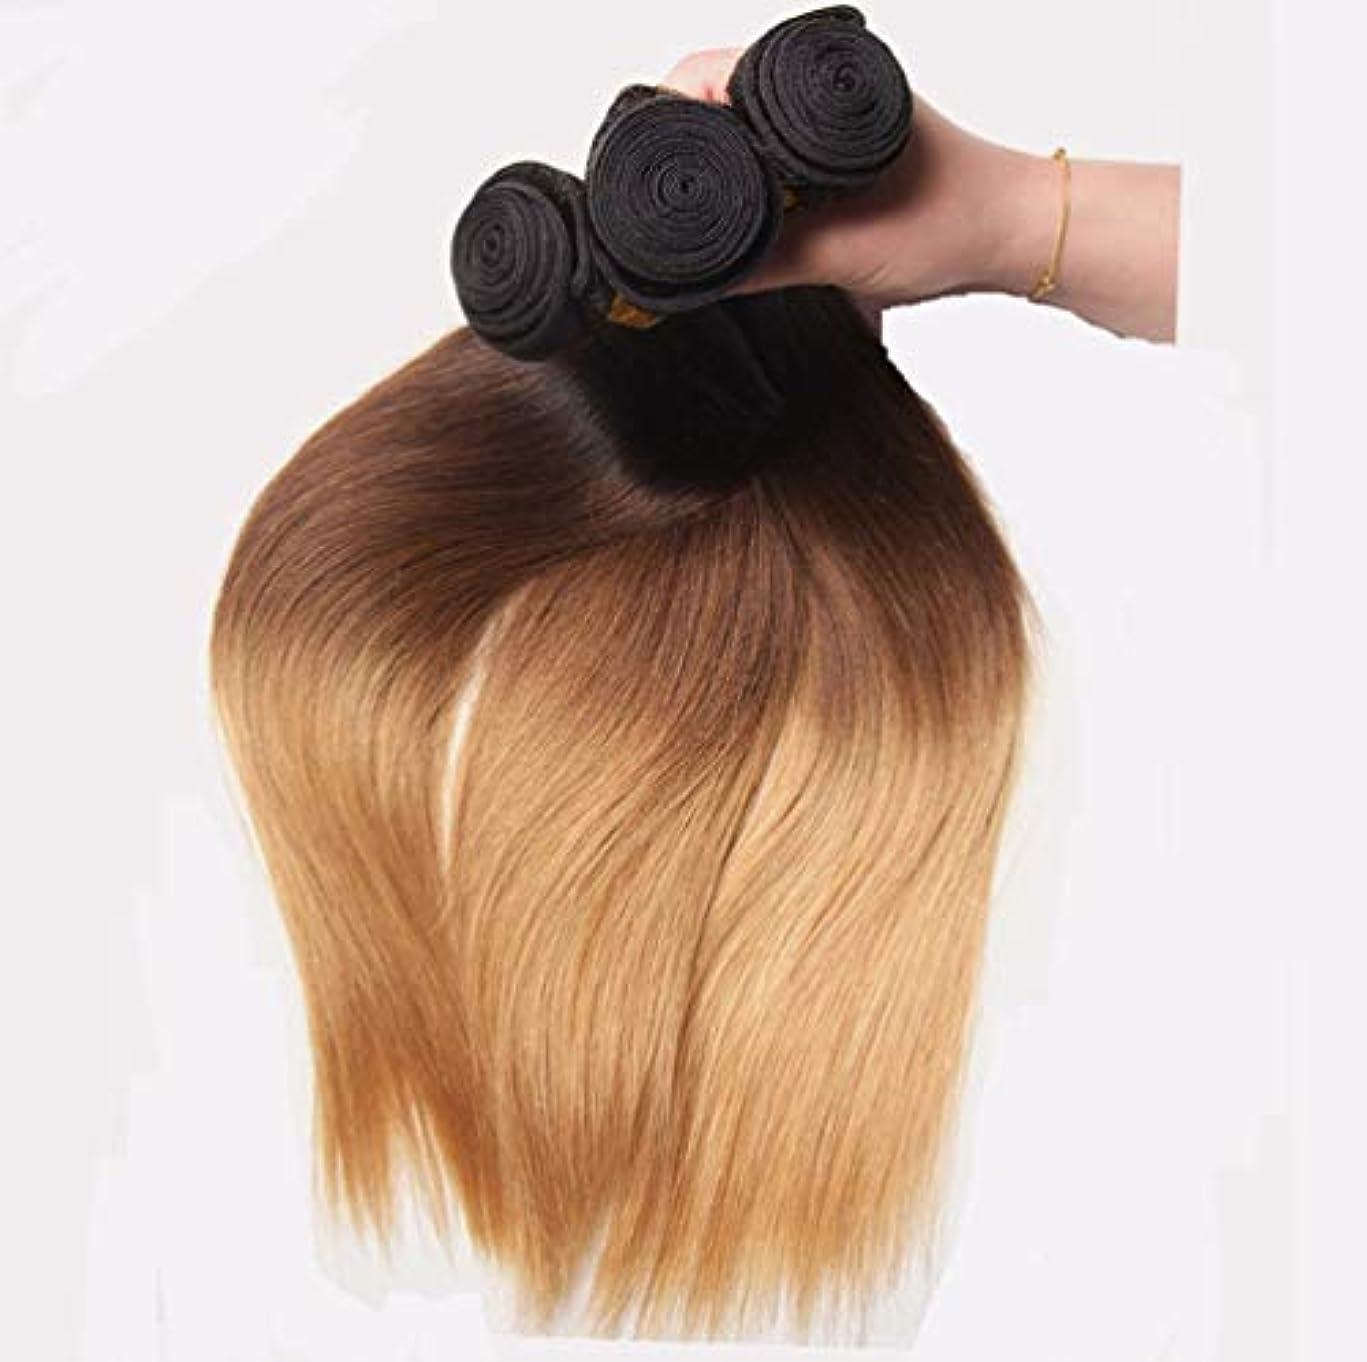 イルうめき声祖母女性10Aグレードペルーストレート人毛ストレートバージン人毛織りエクステンションミックスストレートヘアウィービング(3バンドル)